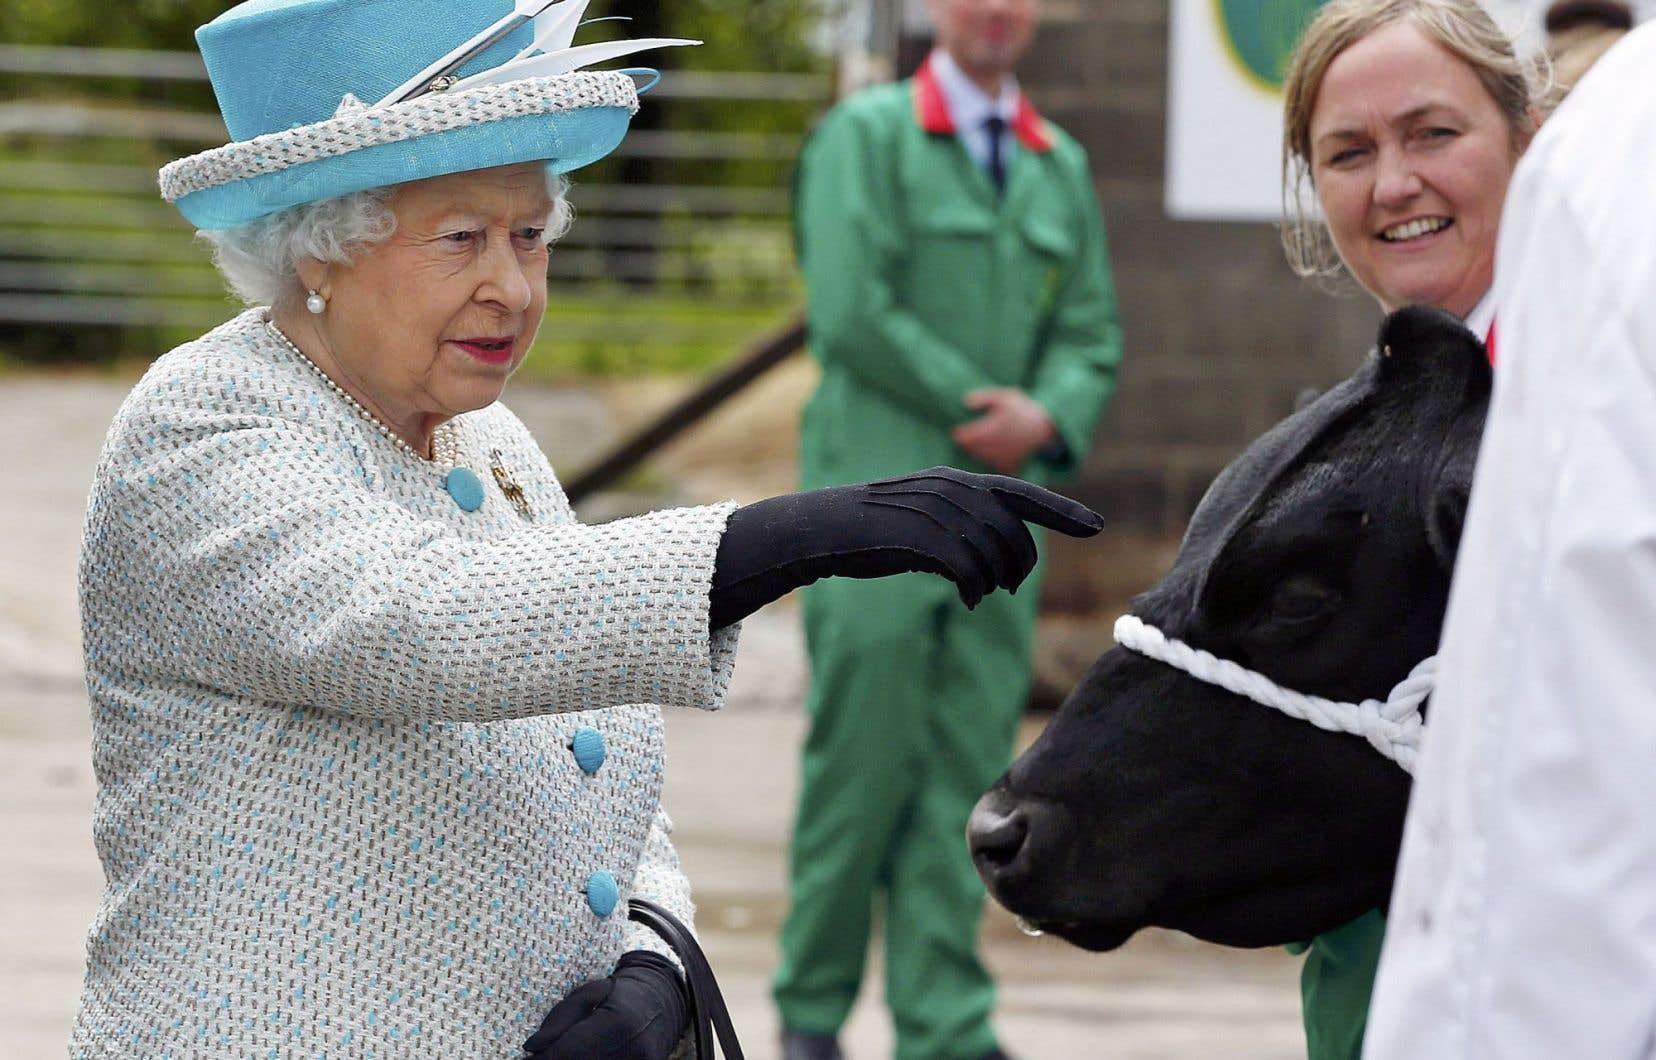 La reine Elizabeth est bien portante, a tenu à préciser Buckingham Palace. On la voit ici la semaine dernière au Myerscough College, dans le Lancaster.